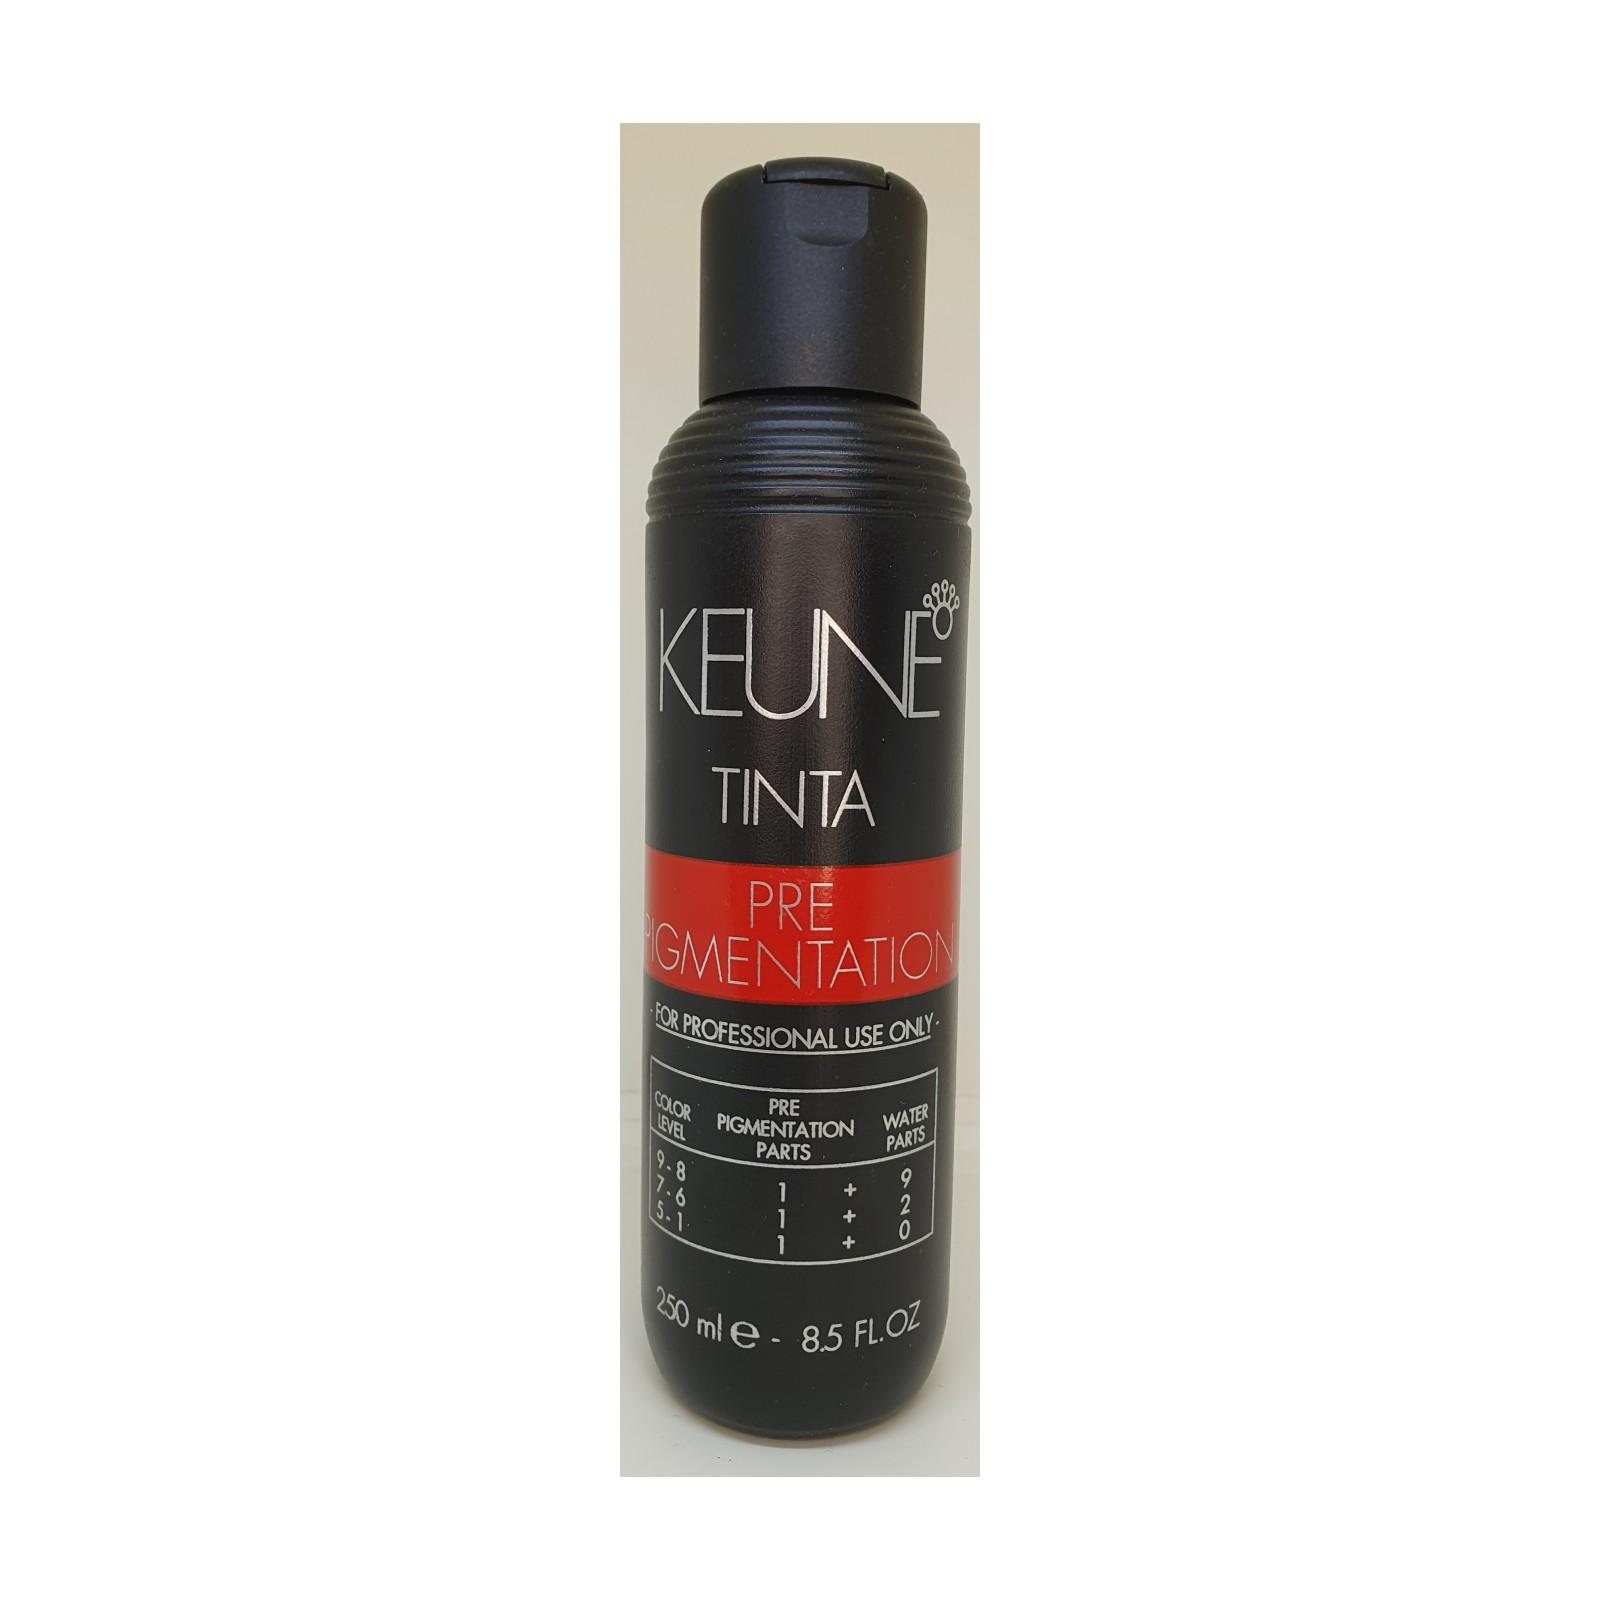 Keune Tinta Pre Pigmentation 250ml